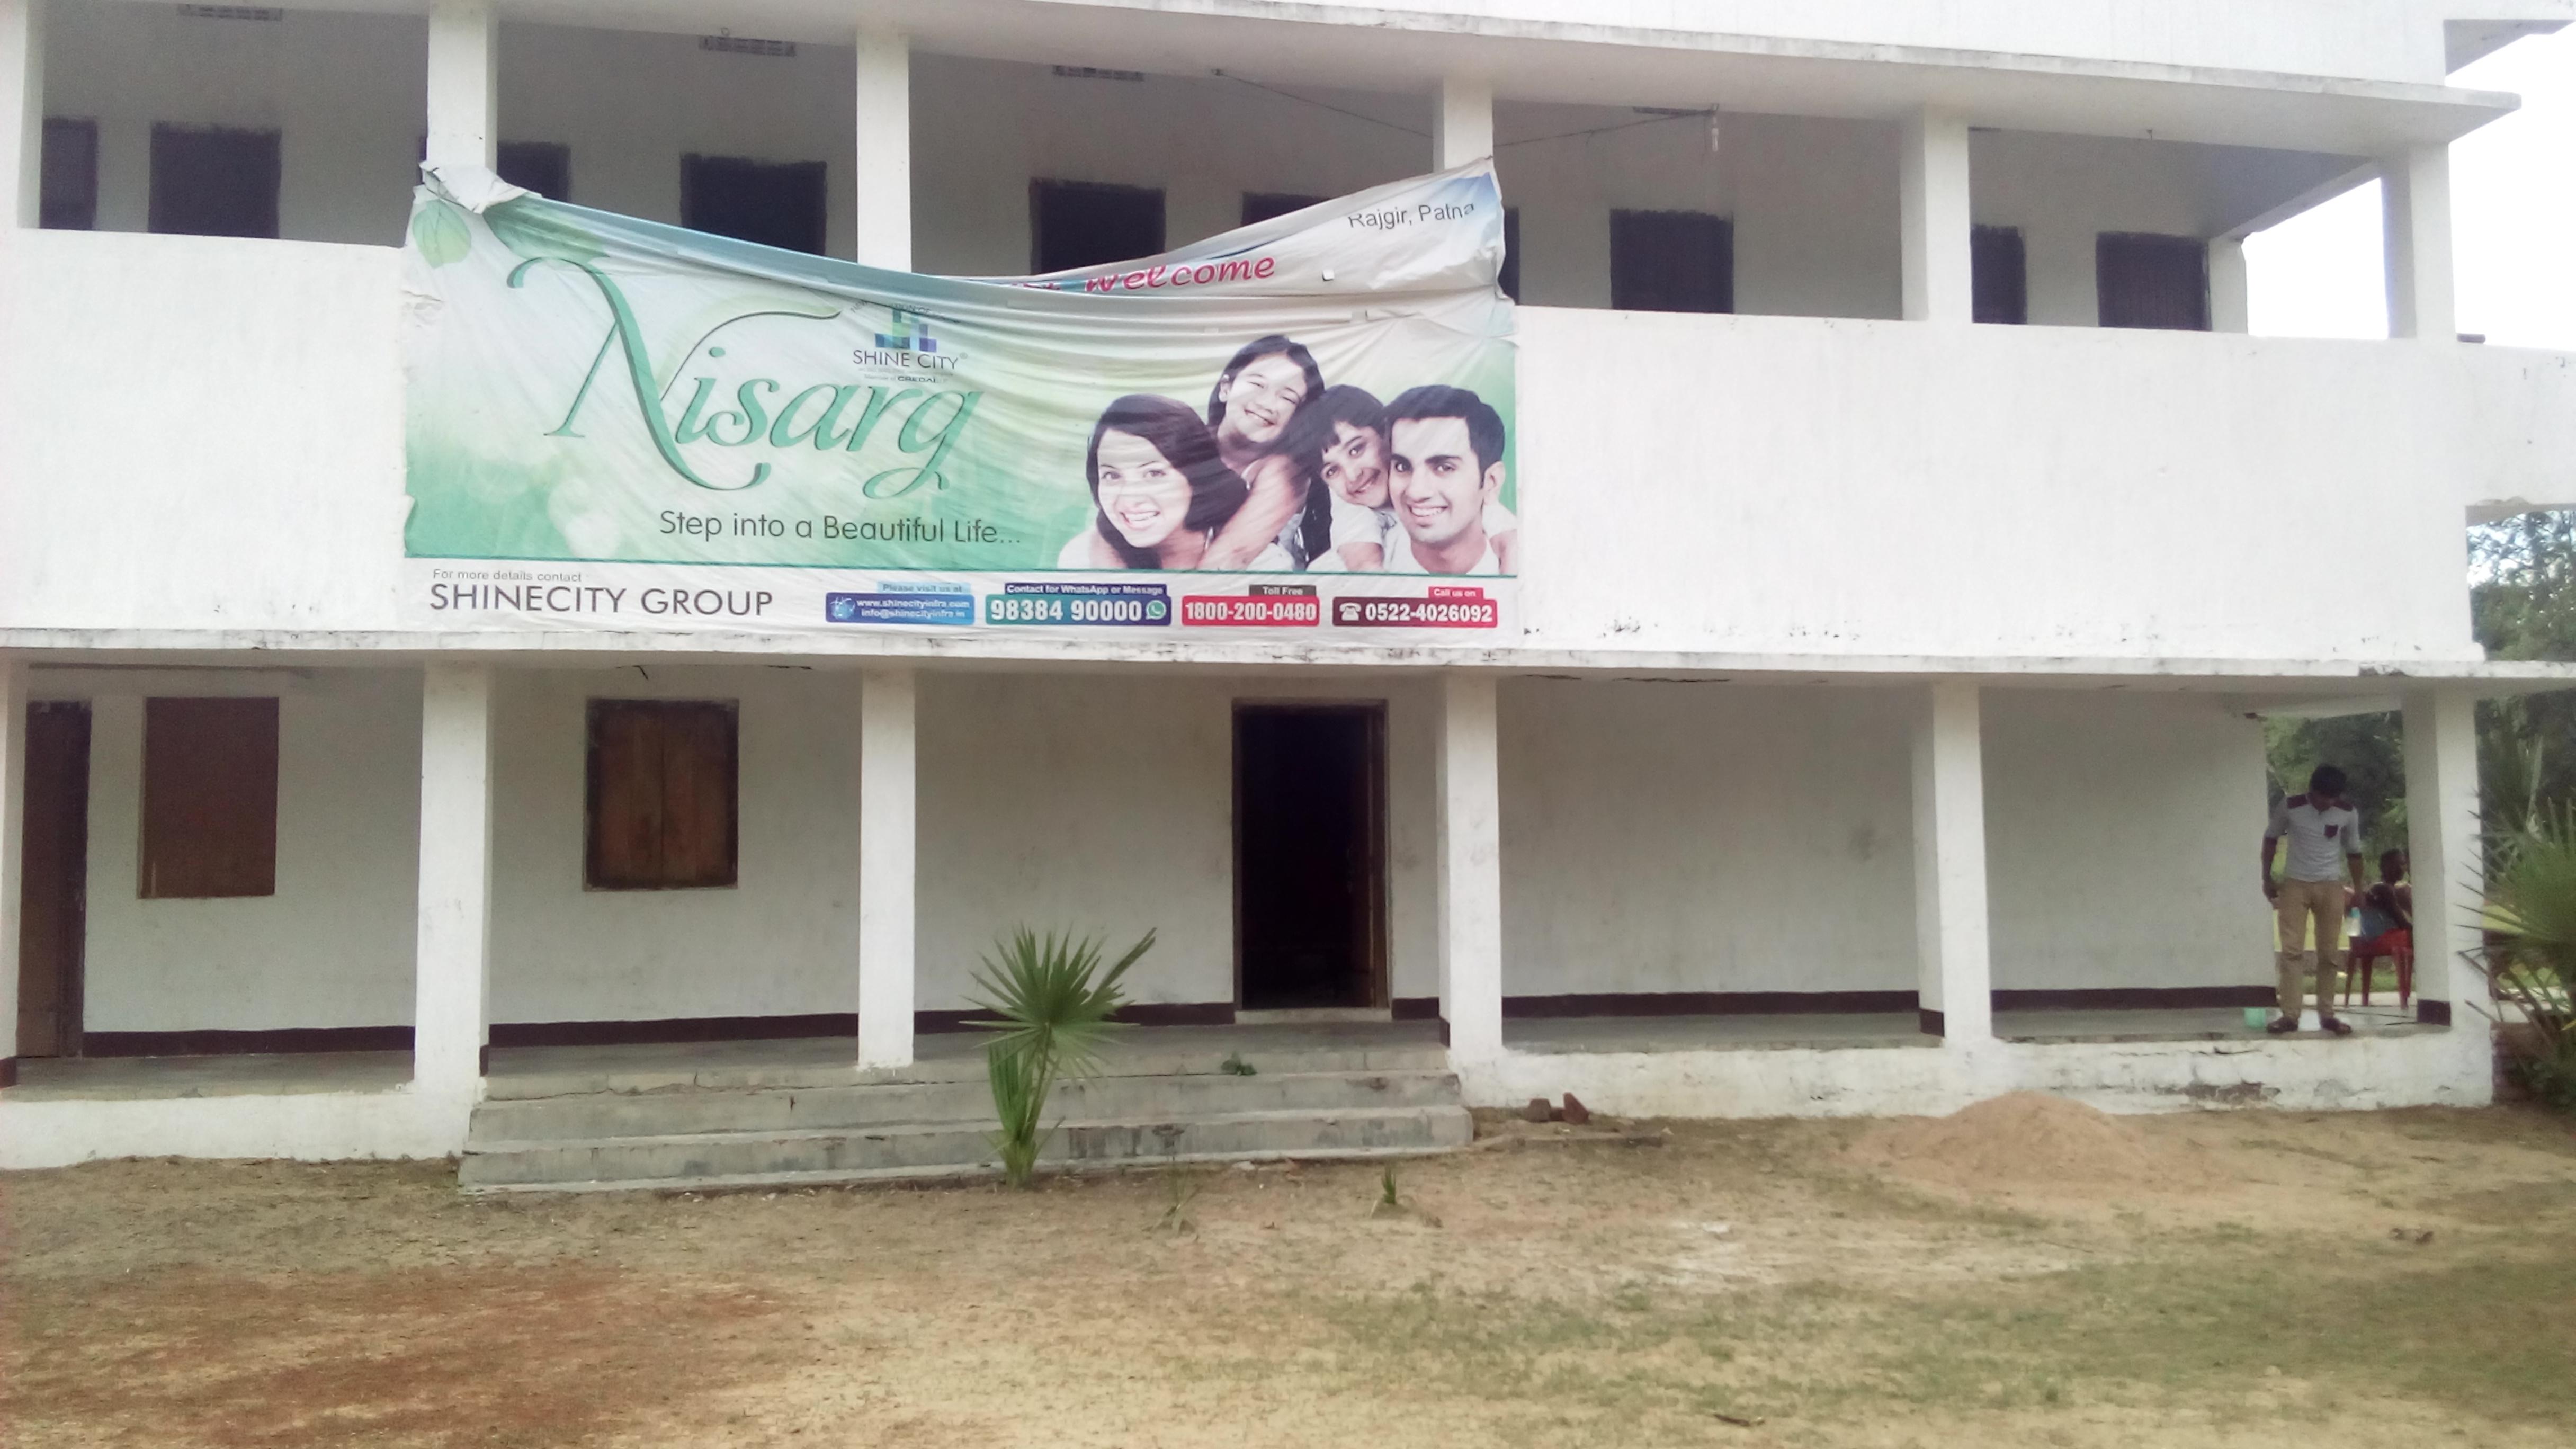 Shinecity group project Nisarg i Rajgir